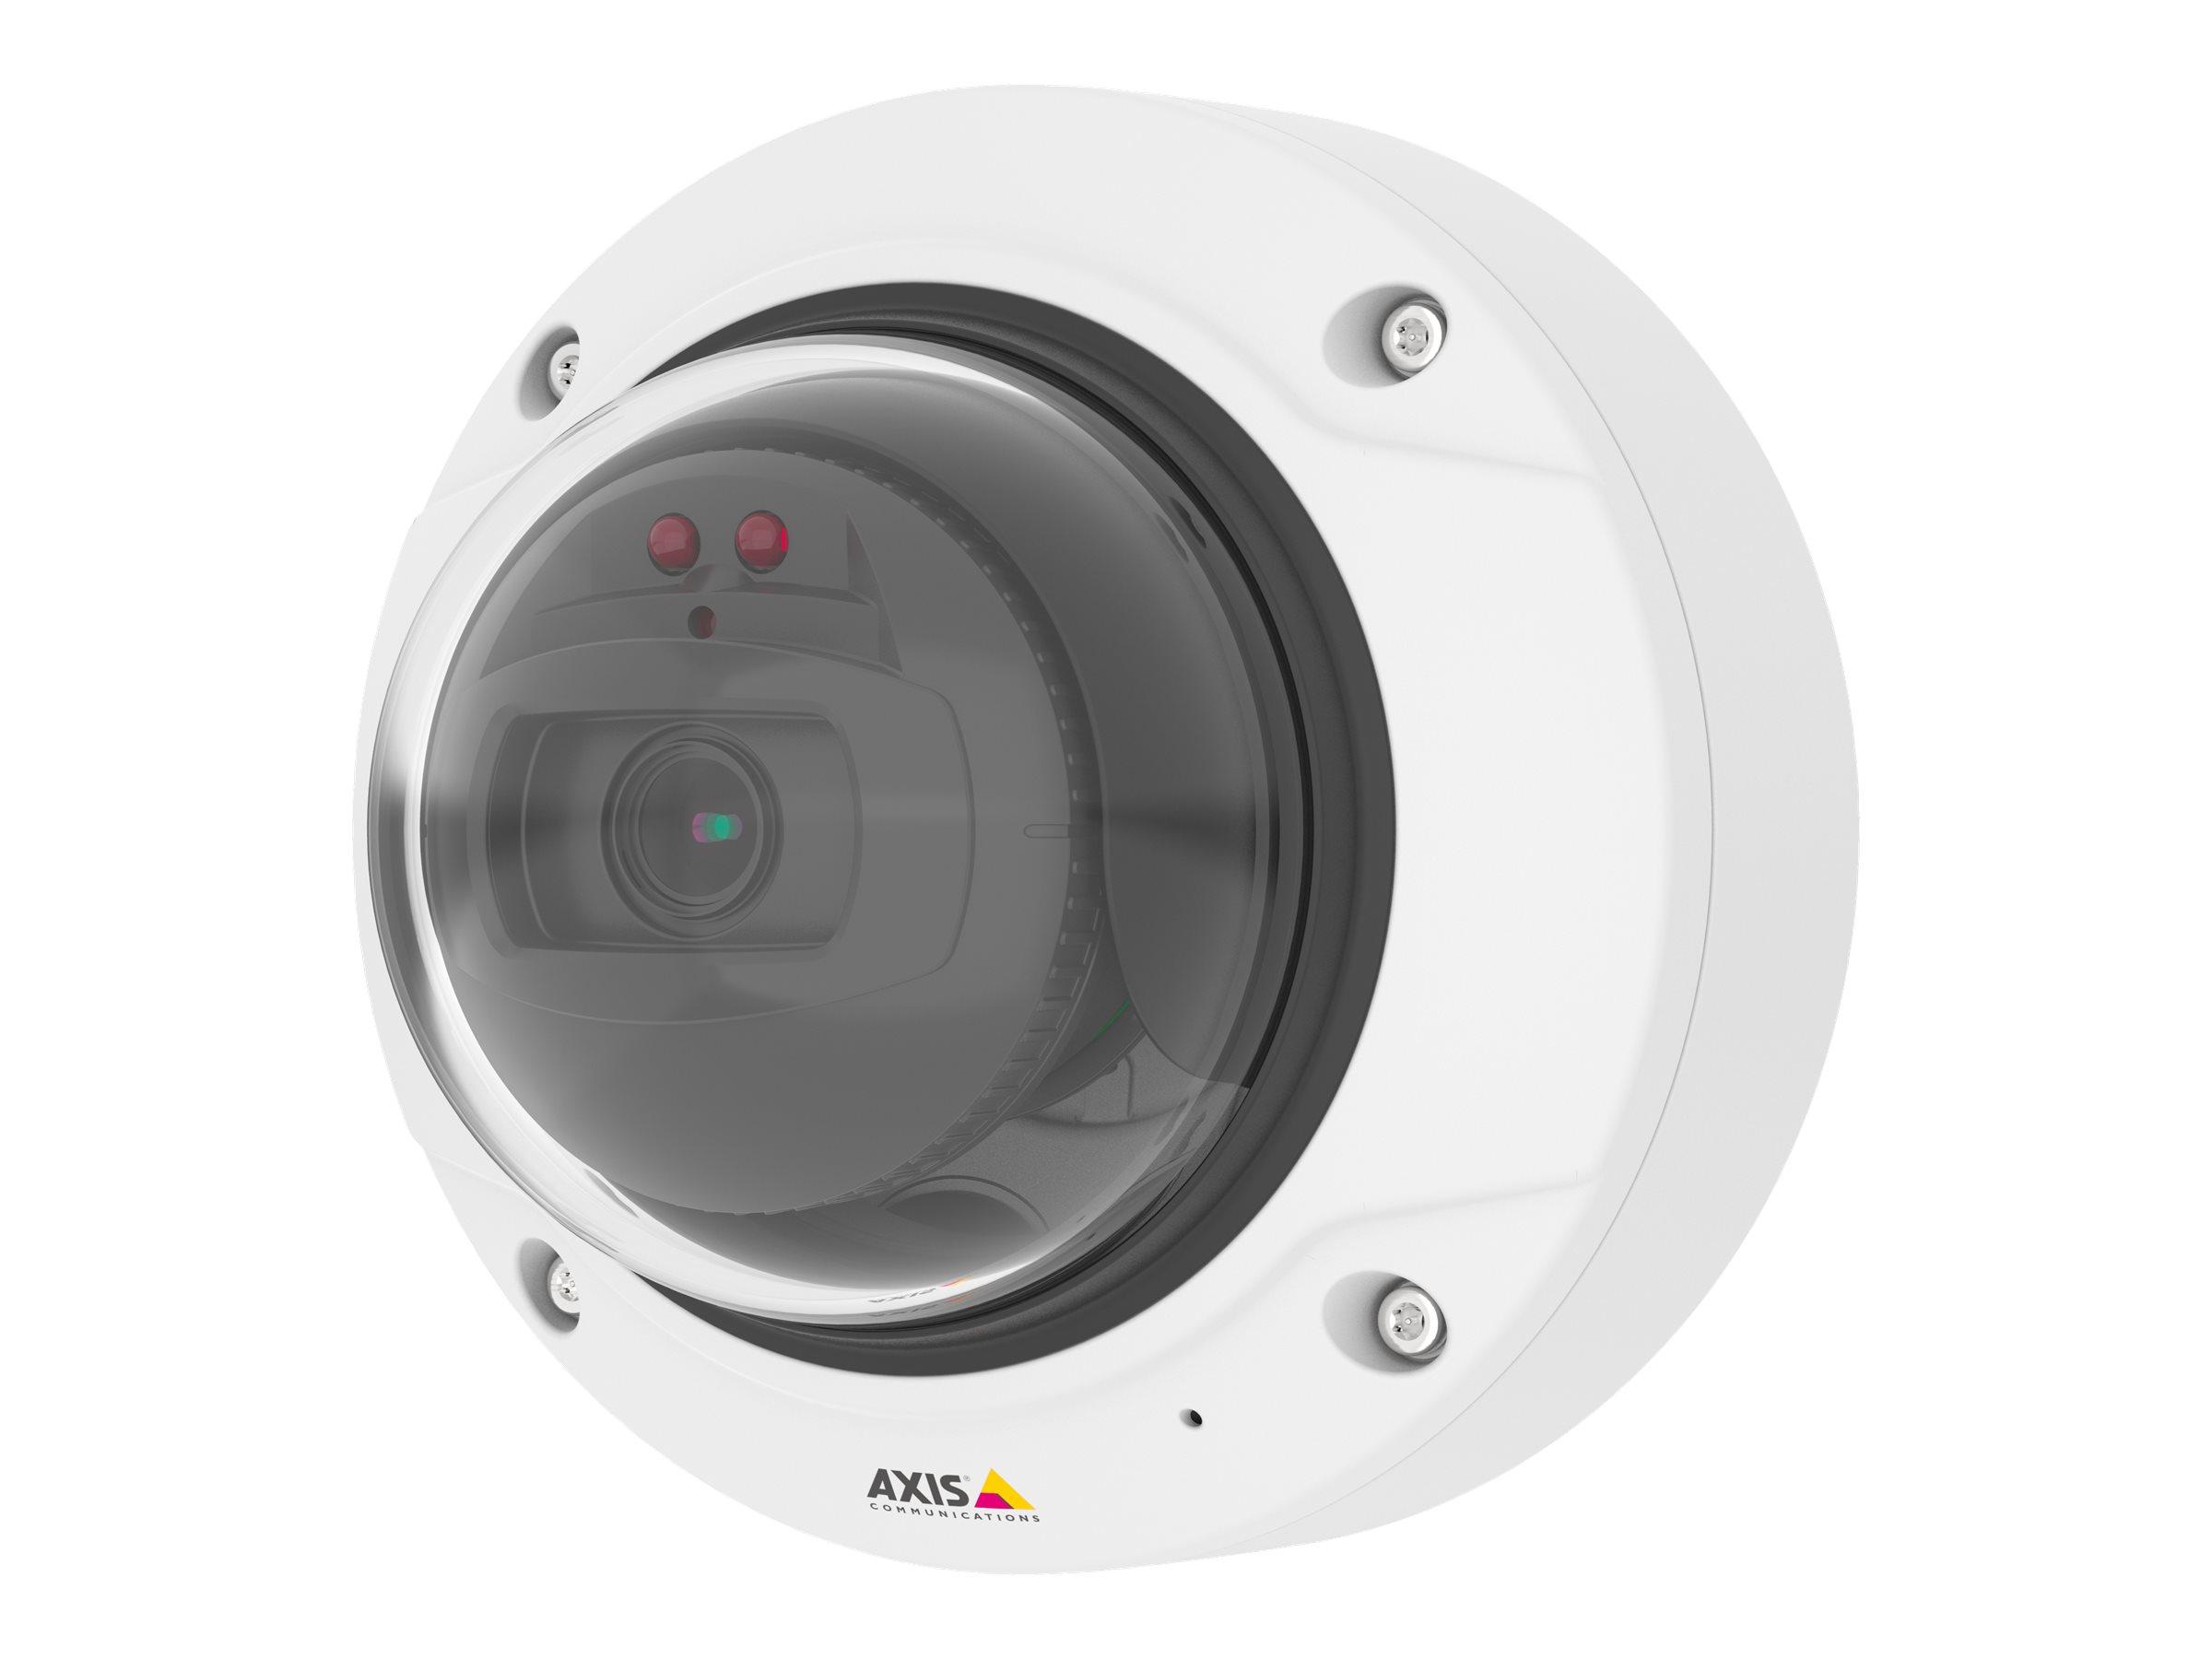 AXIS Q3515-LV - Netzwerk-Überwachungskamera - Kuppel - Aussenbereich - staubdicht/vandalismusresistent/wasserdicht - Farbe (Tag&